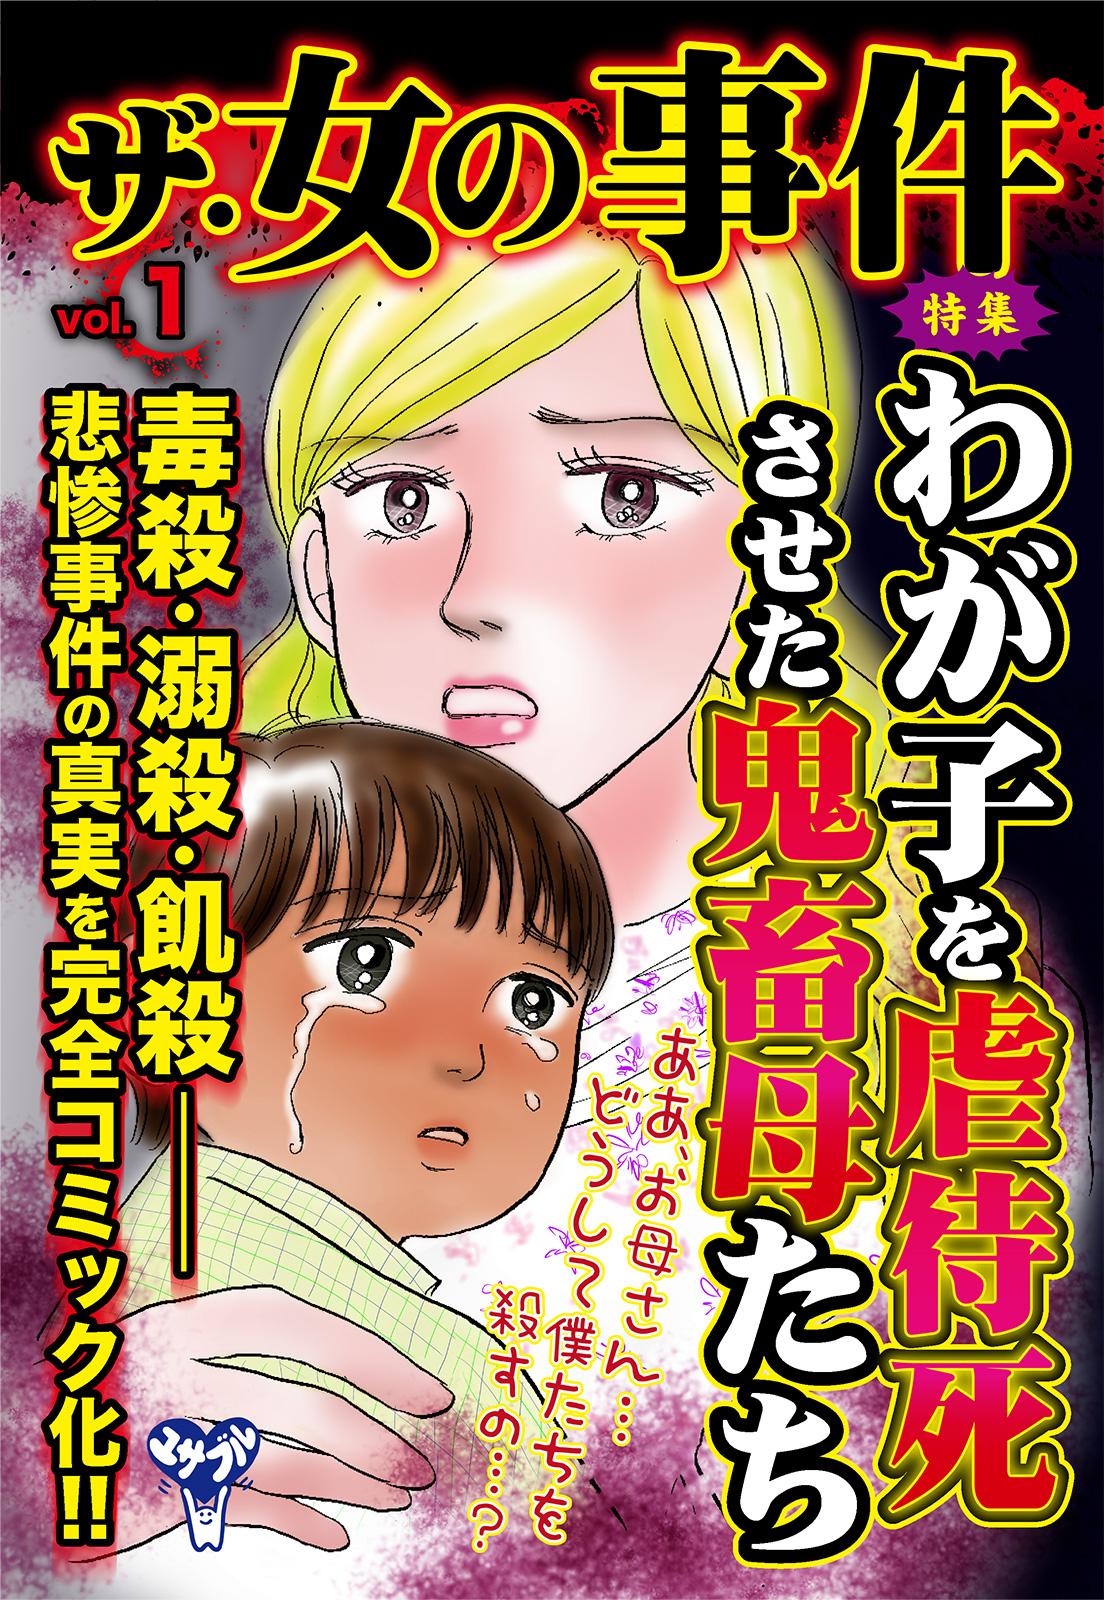 ザ・女の事件Vol.1(シングルマザー愛児口封じ溺殺事件)